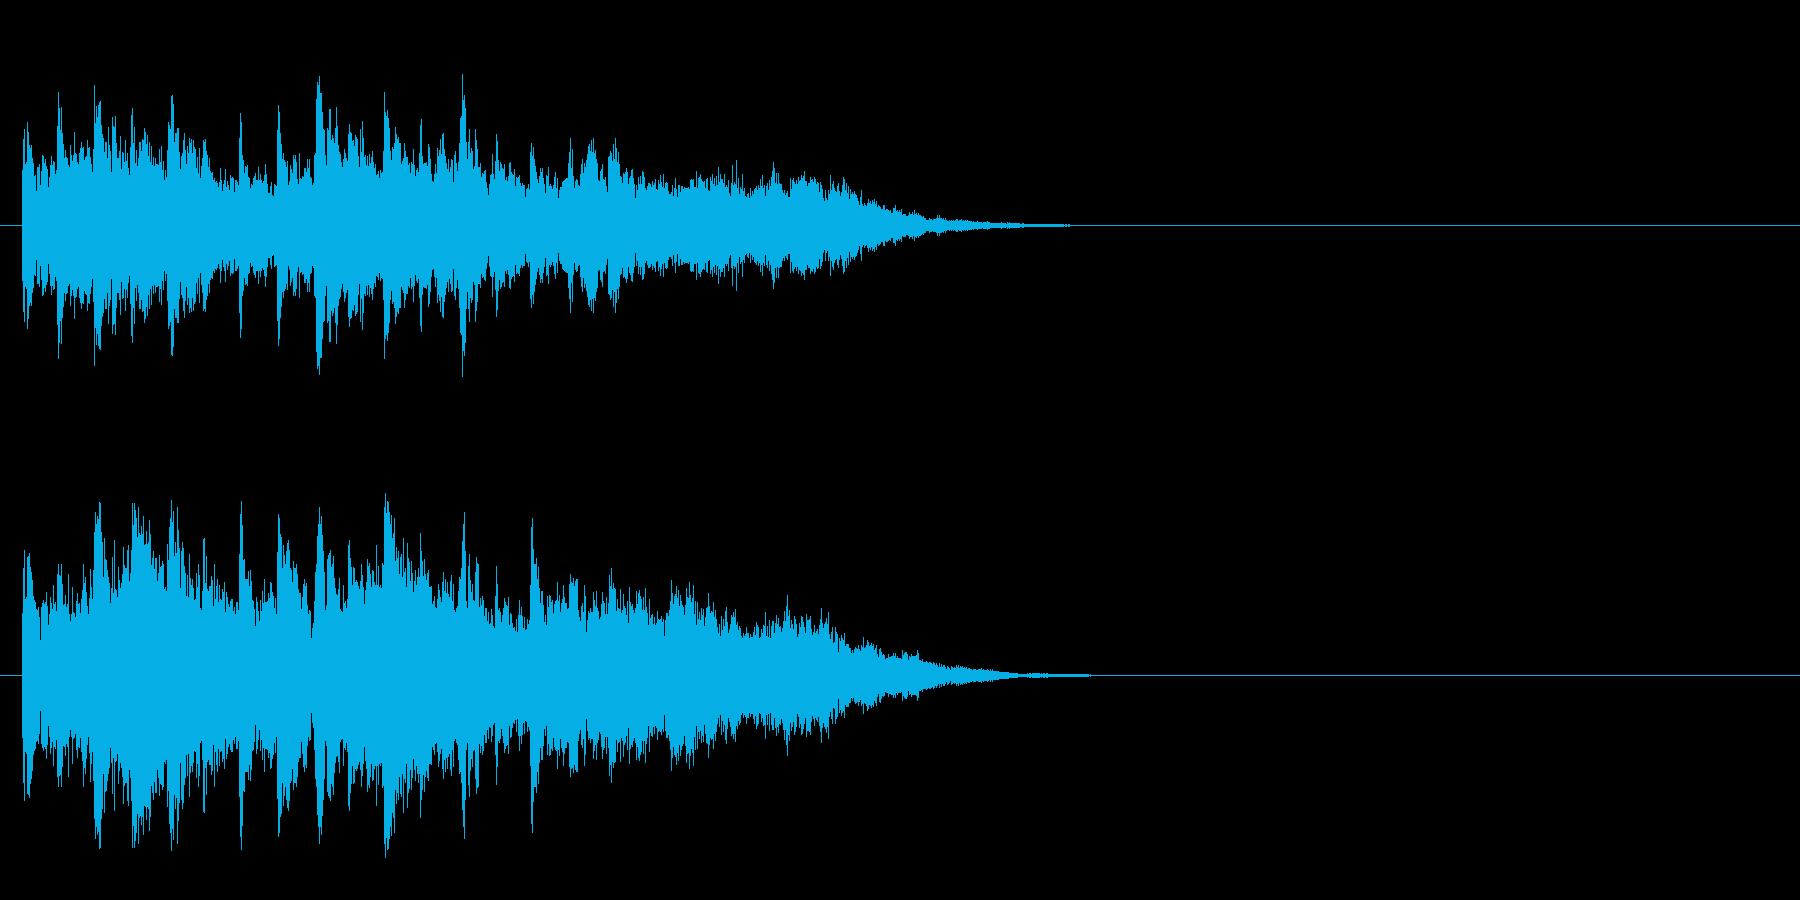 ジングル/環境(清涼/場面転換SE風)の再生済みの波形